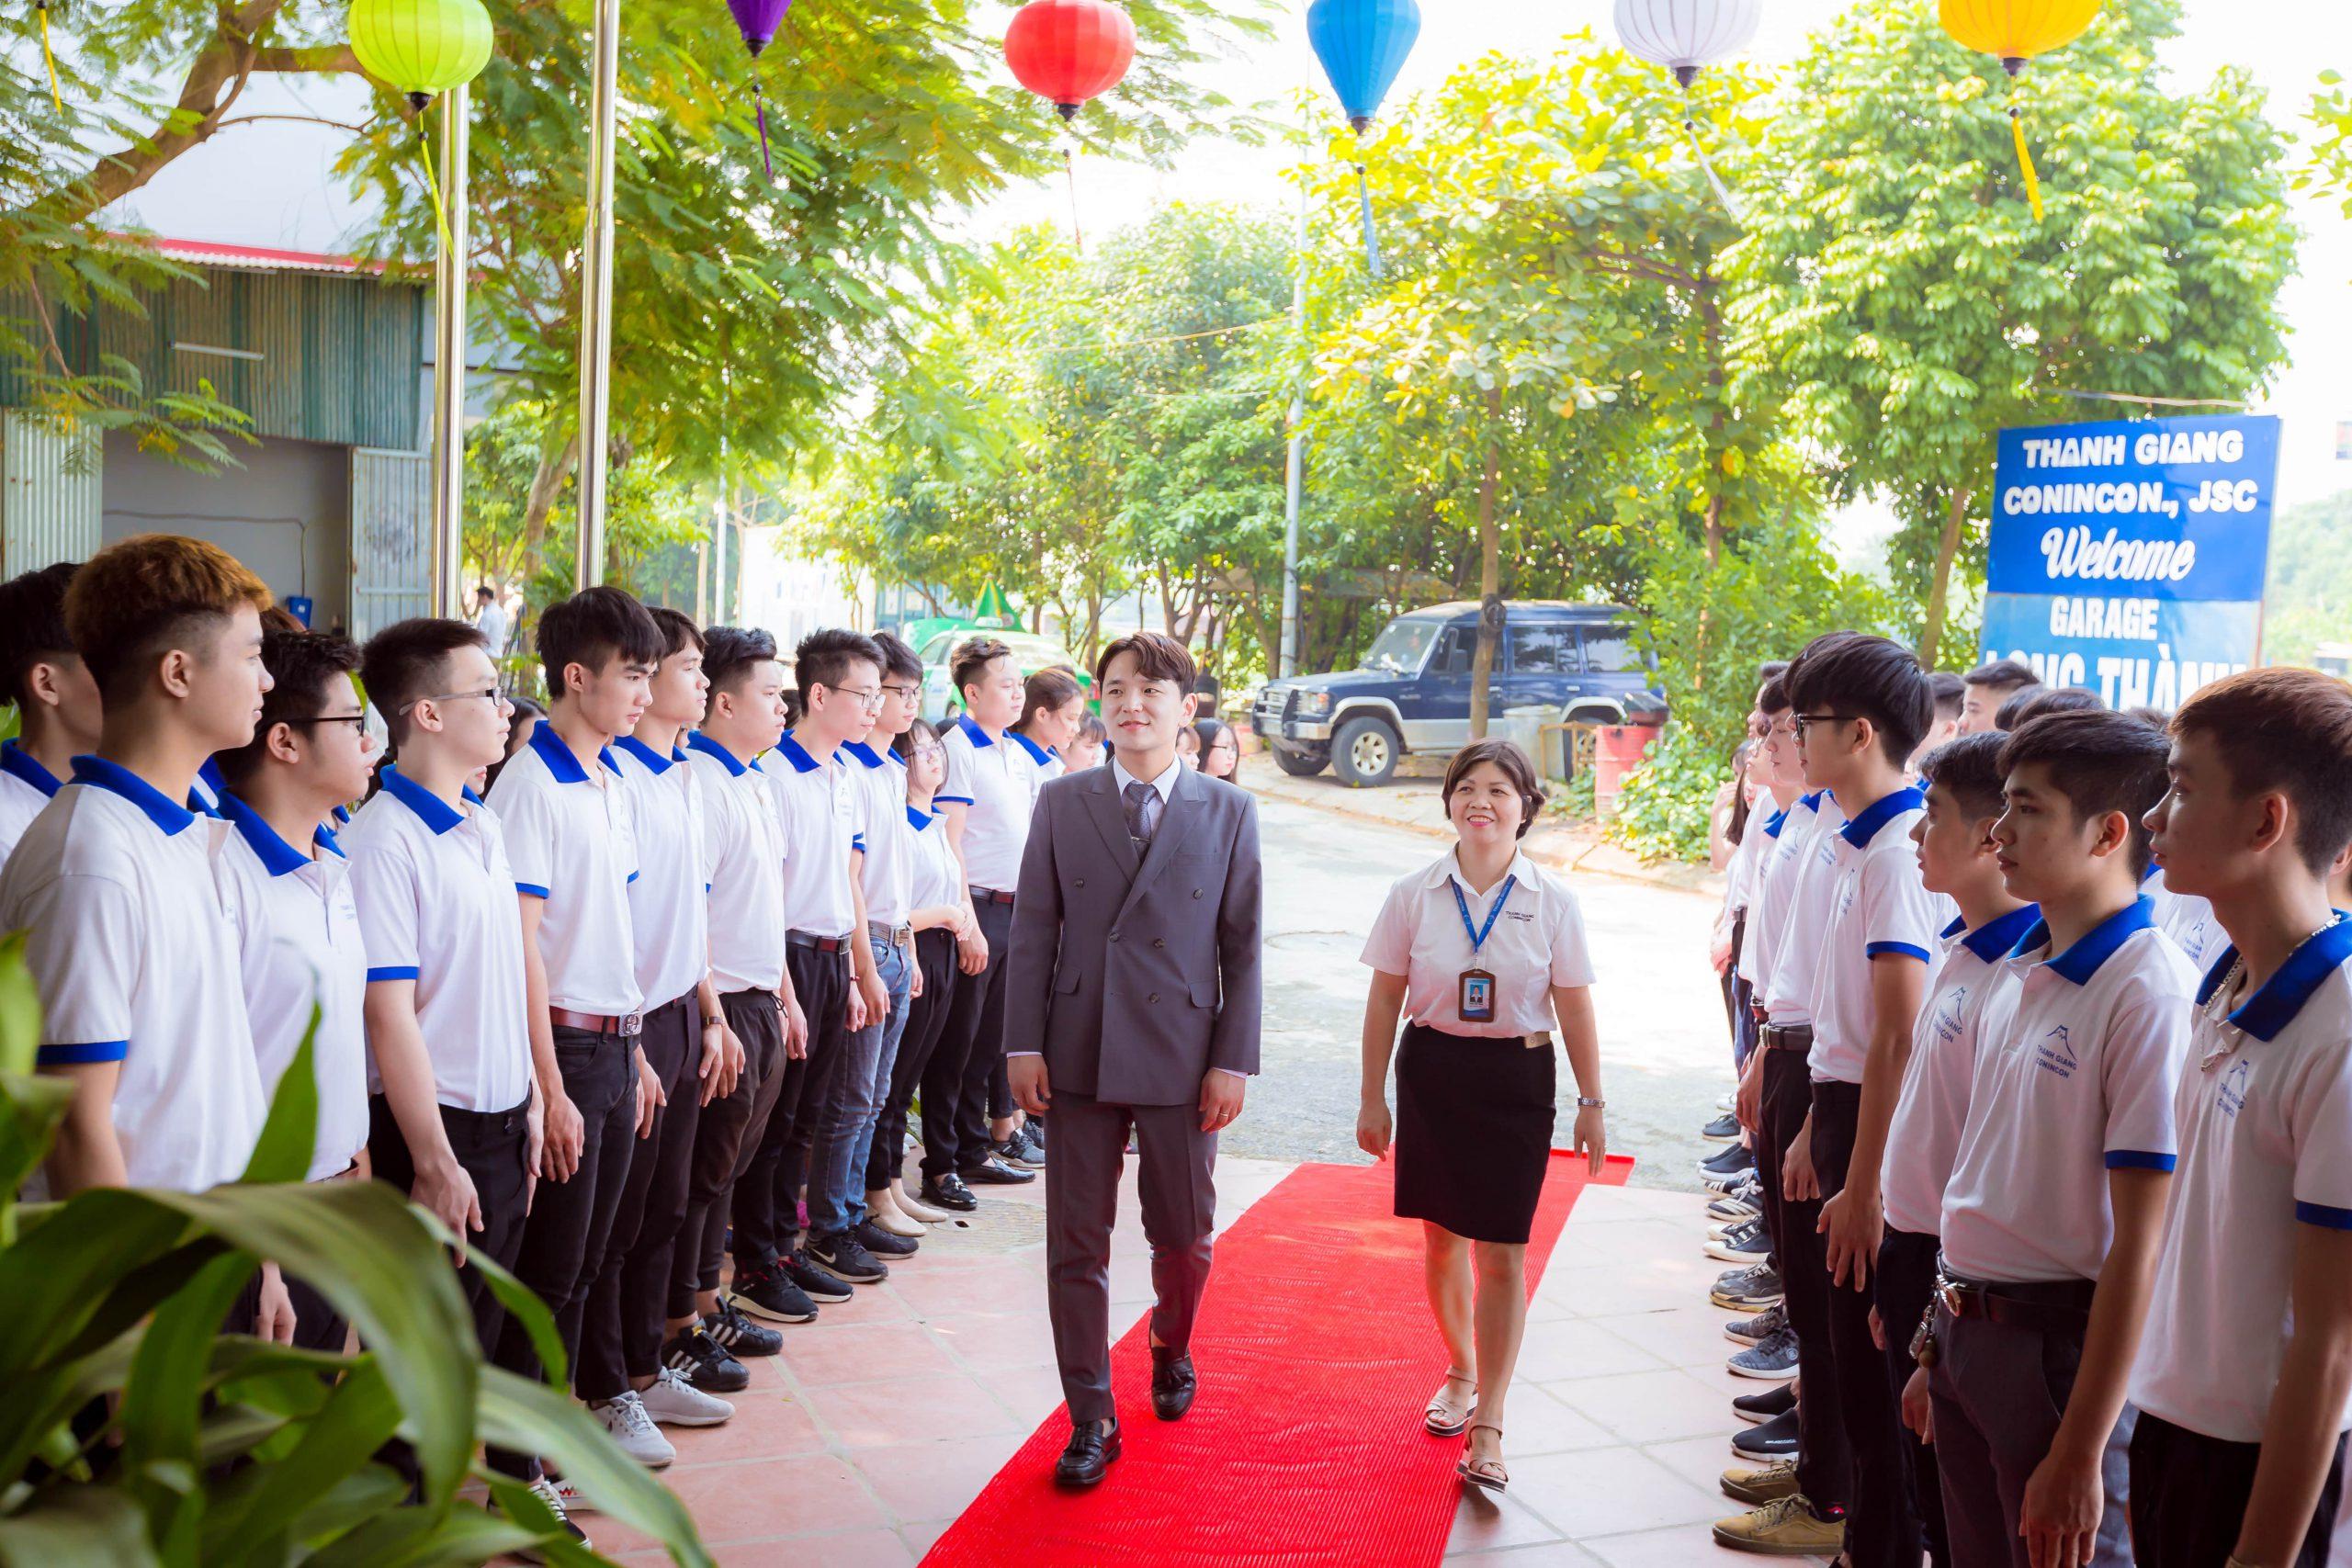 Du học Hàn Quốc Thanh Giang hết bao nhiêu tiền?